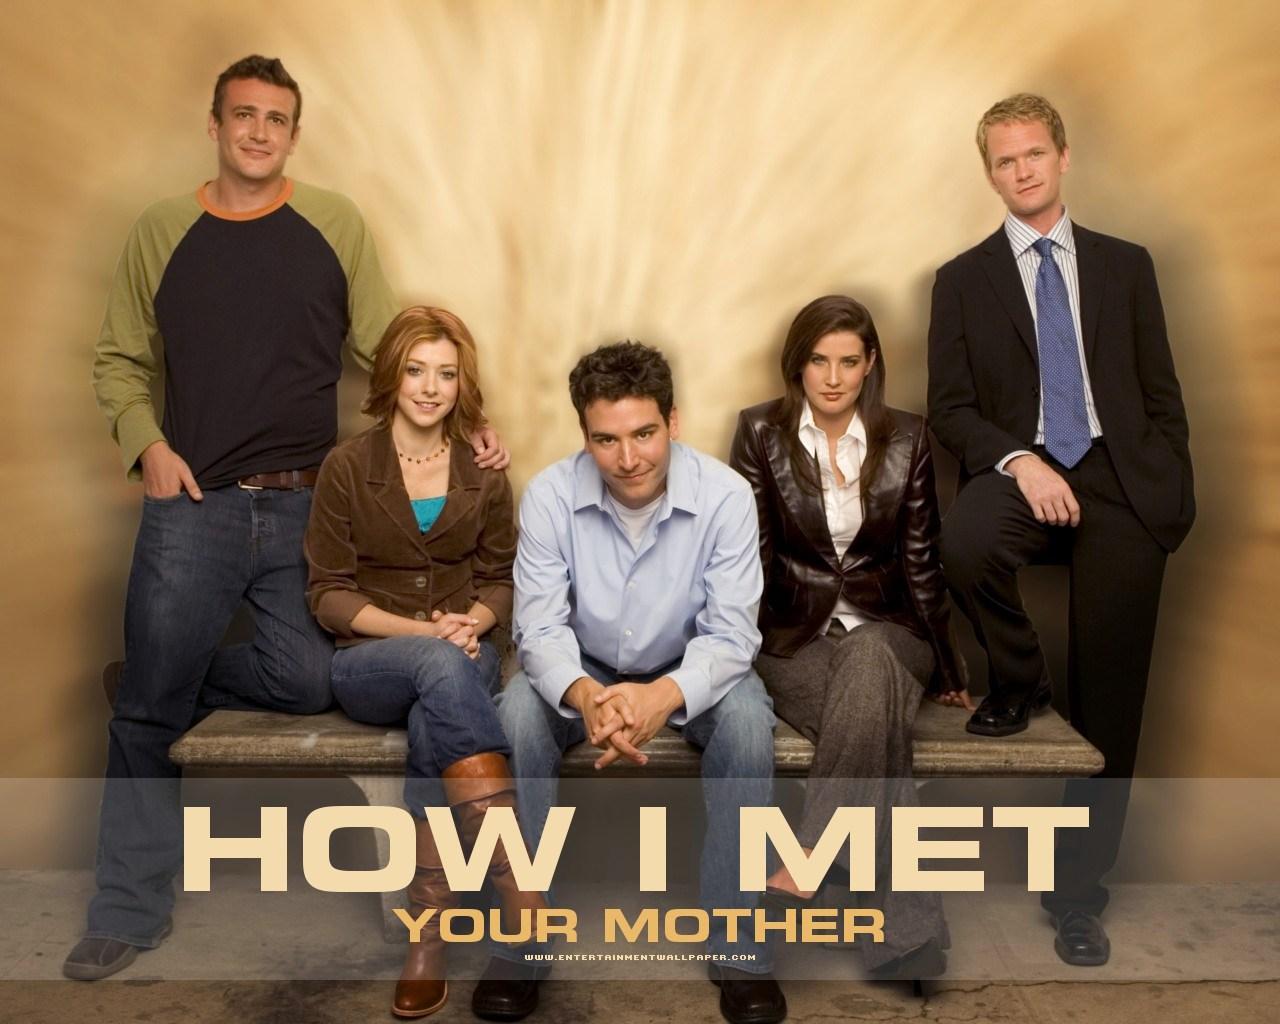 http://2.bp.blogspot.com/-_5vsrwo7tns/TwKtzEmxmjI/AAAAAAAAATk/YO4Dw9colbI/s1600/How-I-Met-Your-Mother-Cast-how-i-met-your-mother-791317_1280_1024.jpg